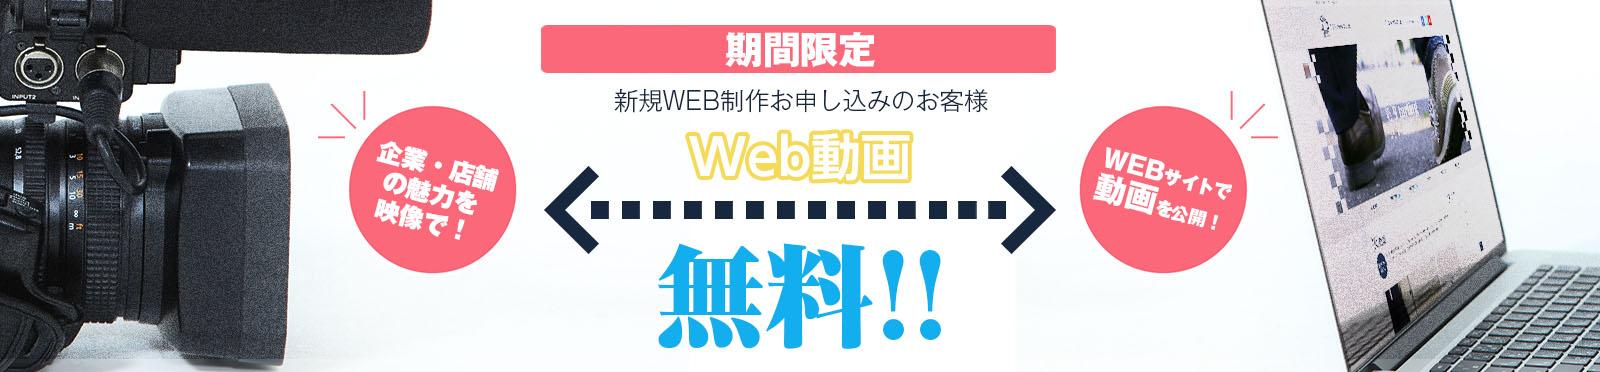 動画・ウェブ制作特典